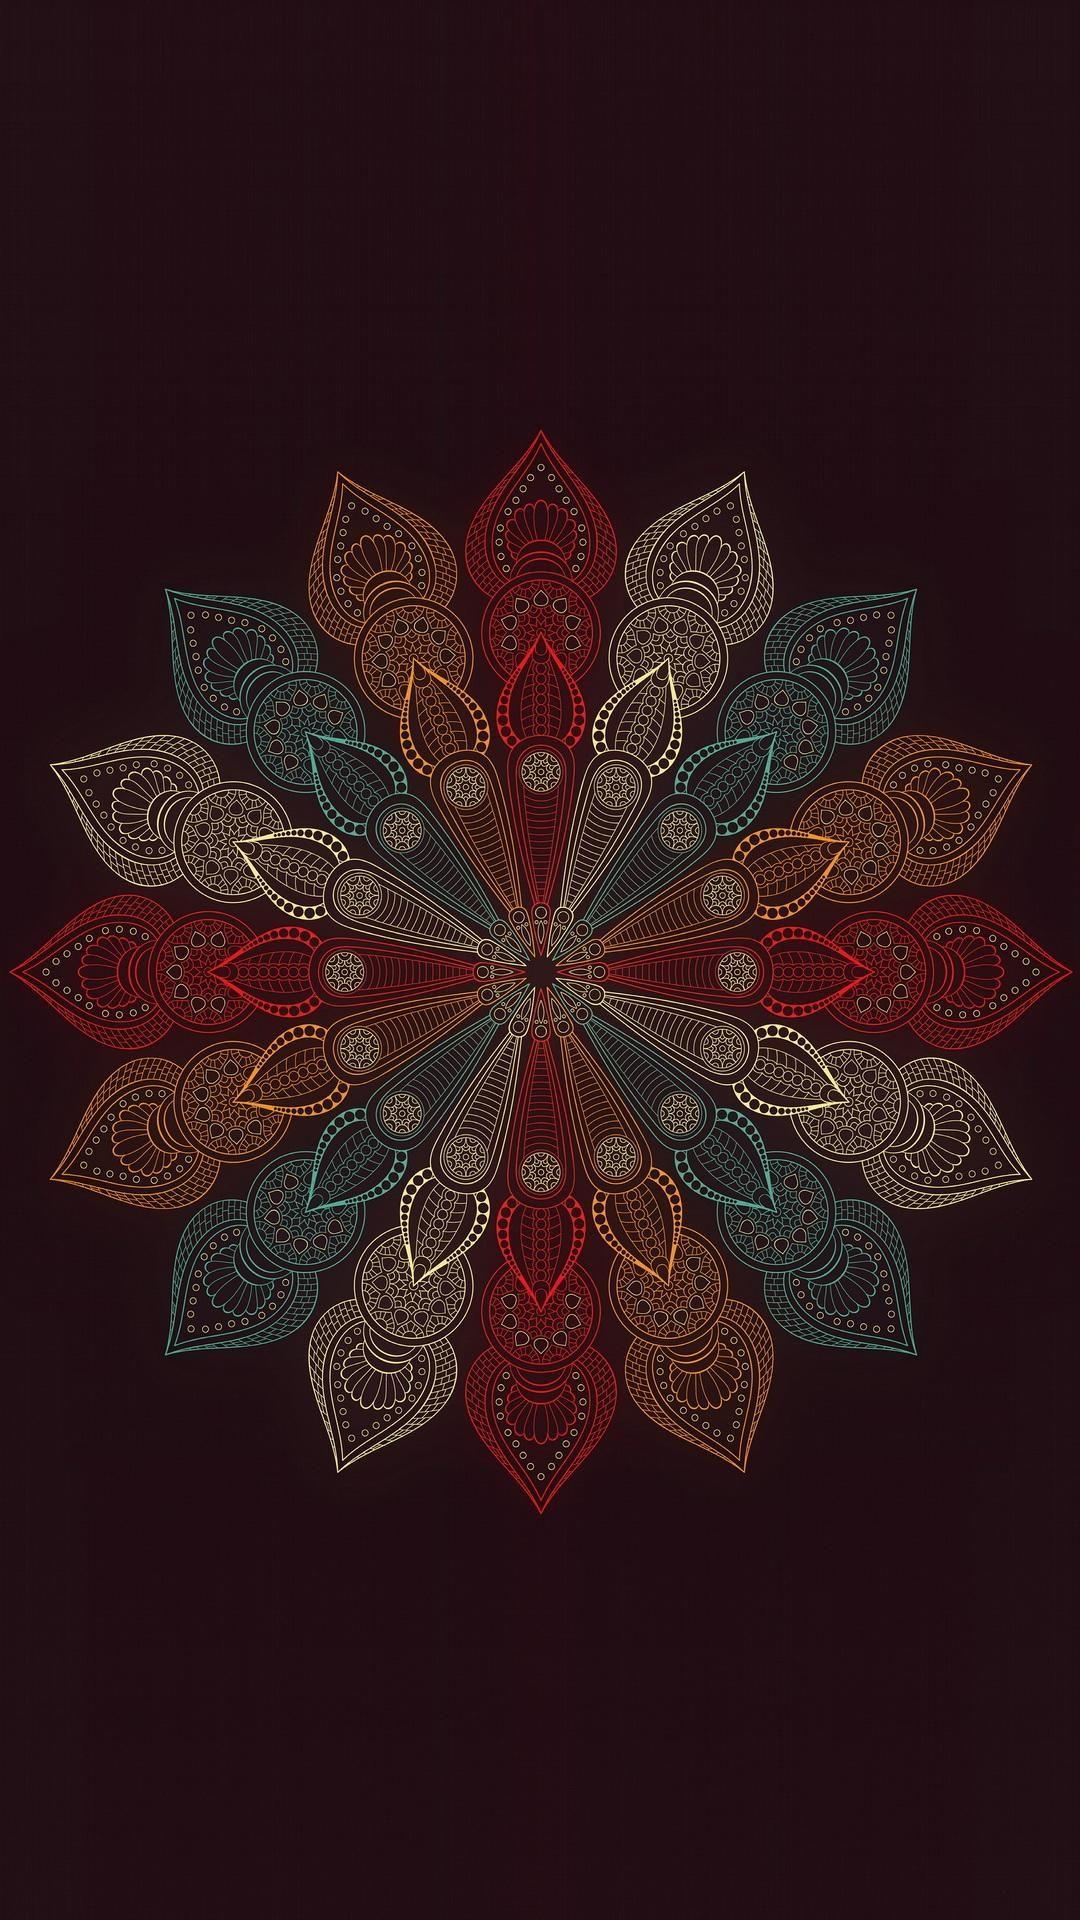 Mandala Flower Art wallpaper iphone, Mandala wallpaper